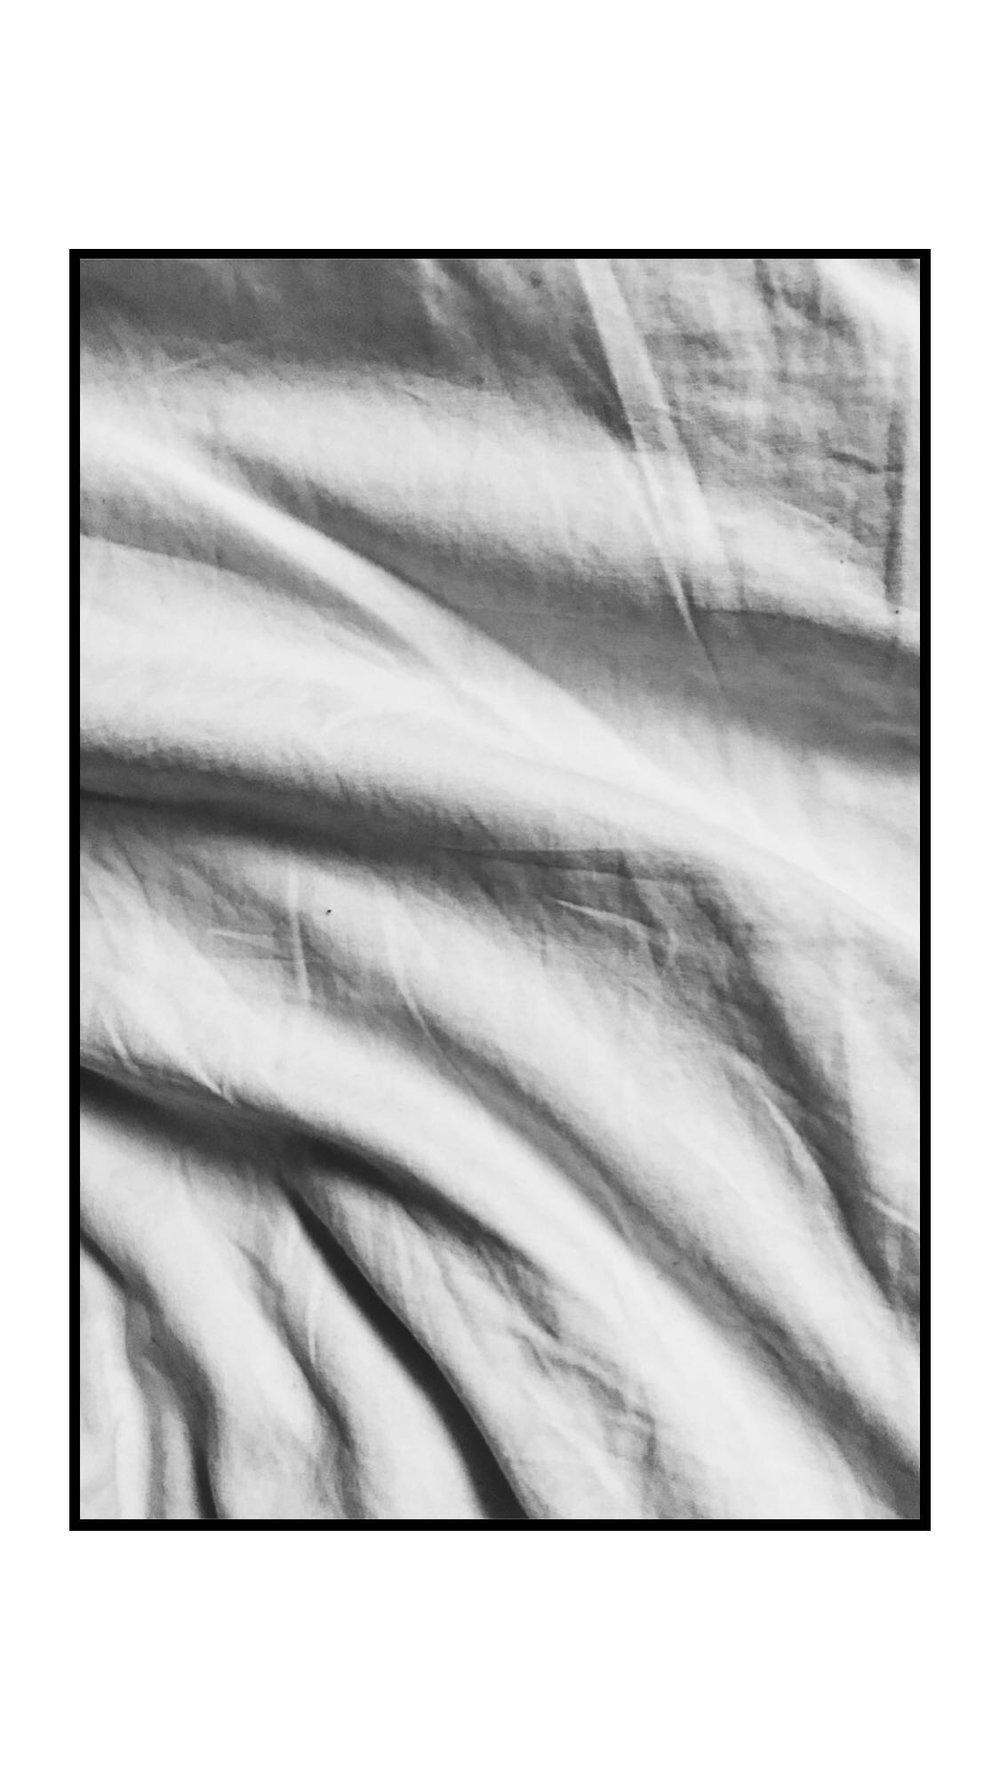 A bed sheet